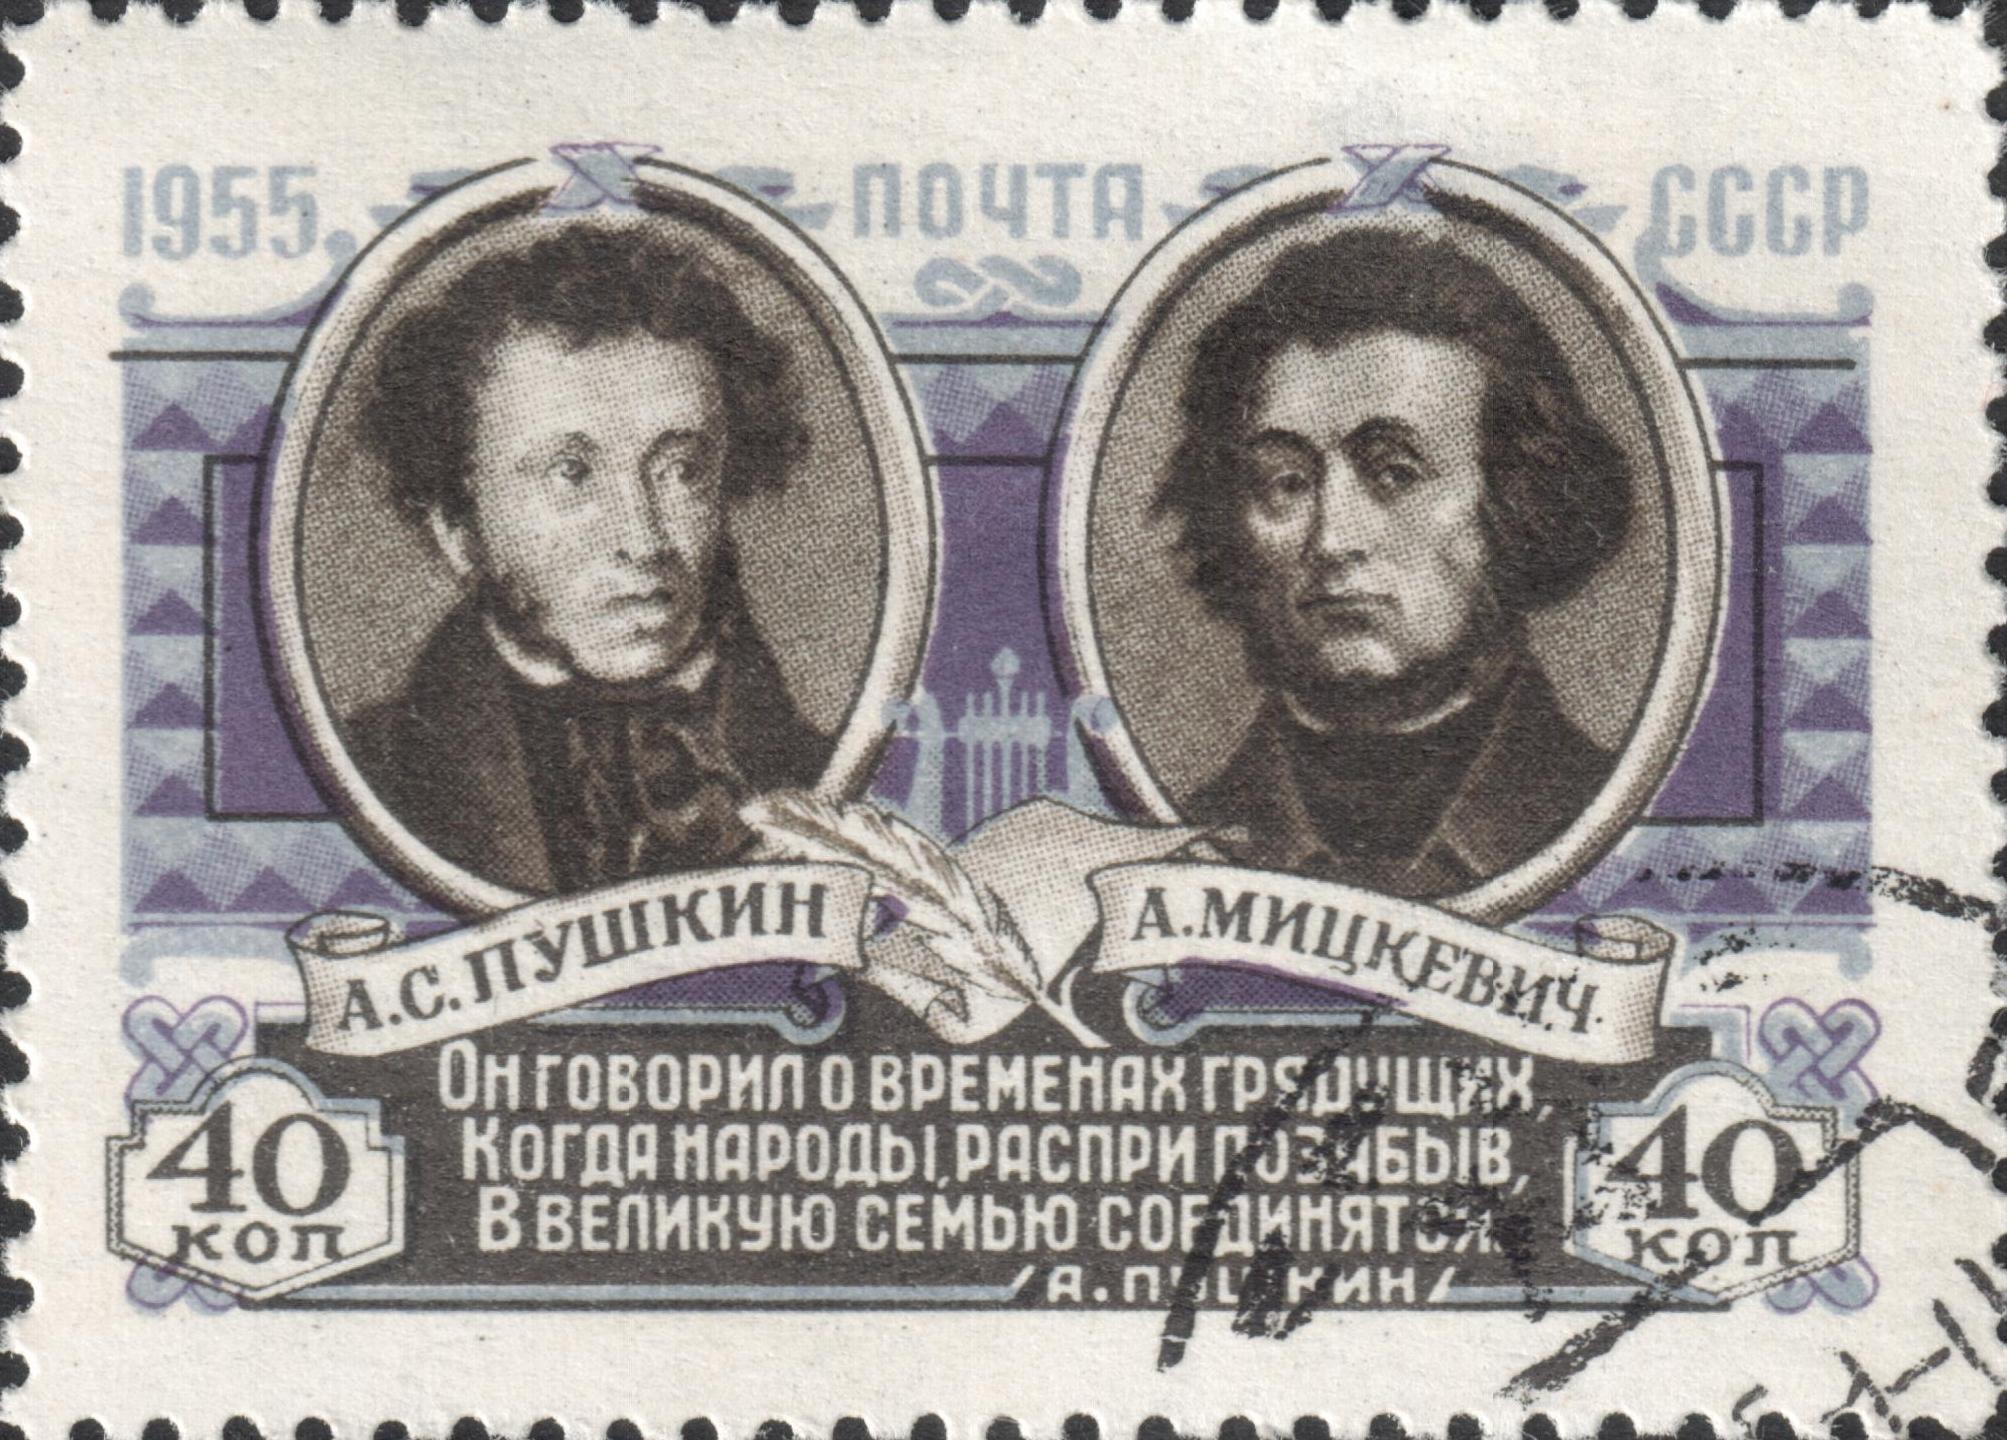 А.С. Пушкин и А. Мицкевич